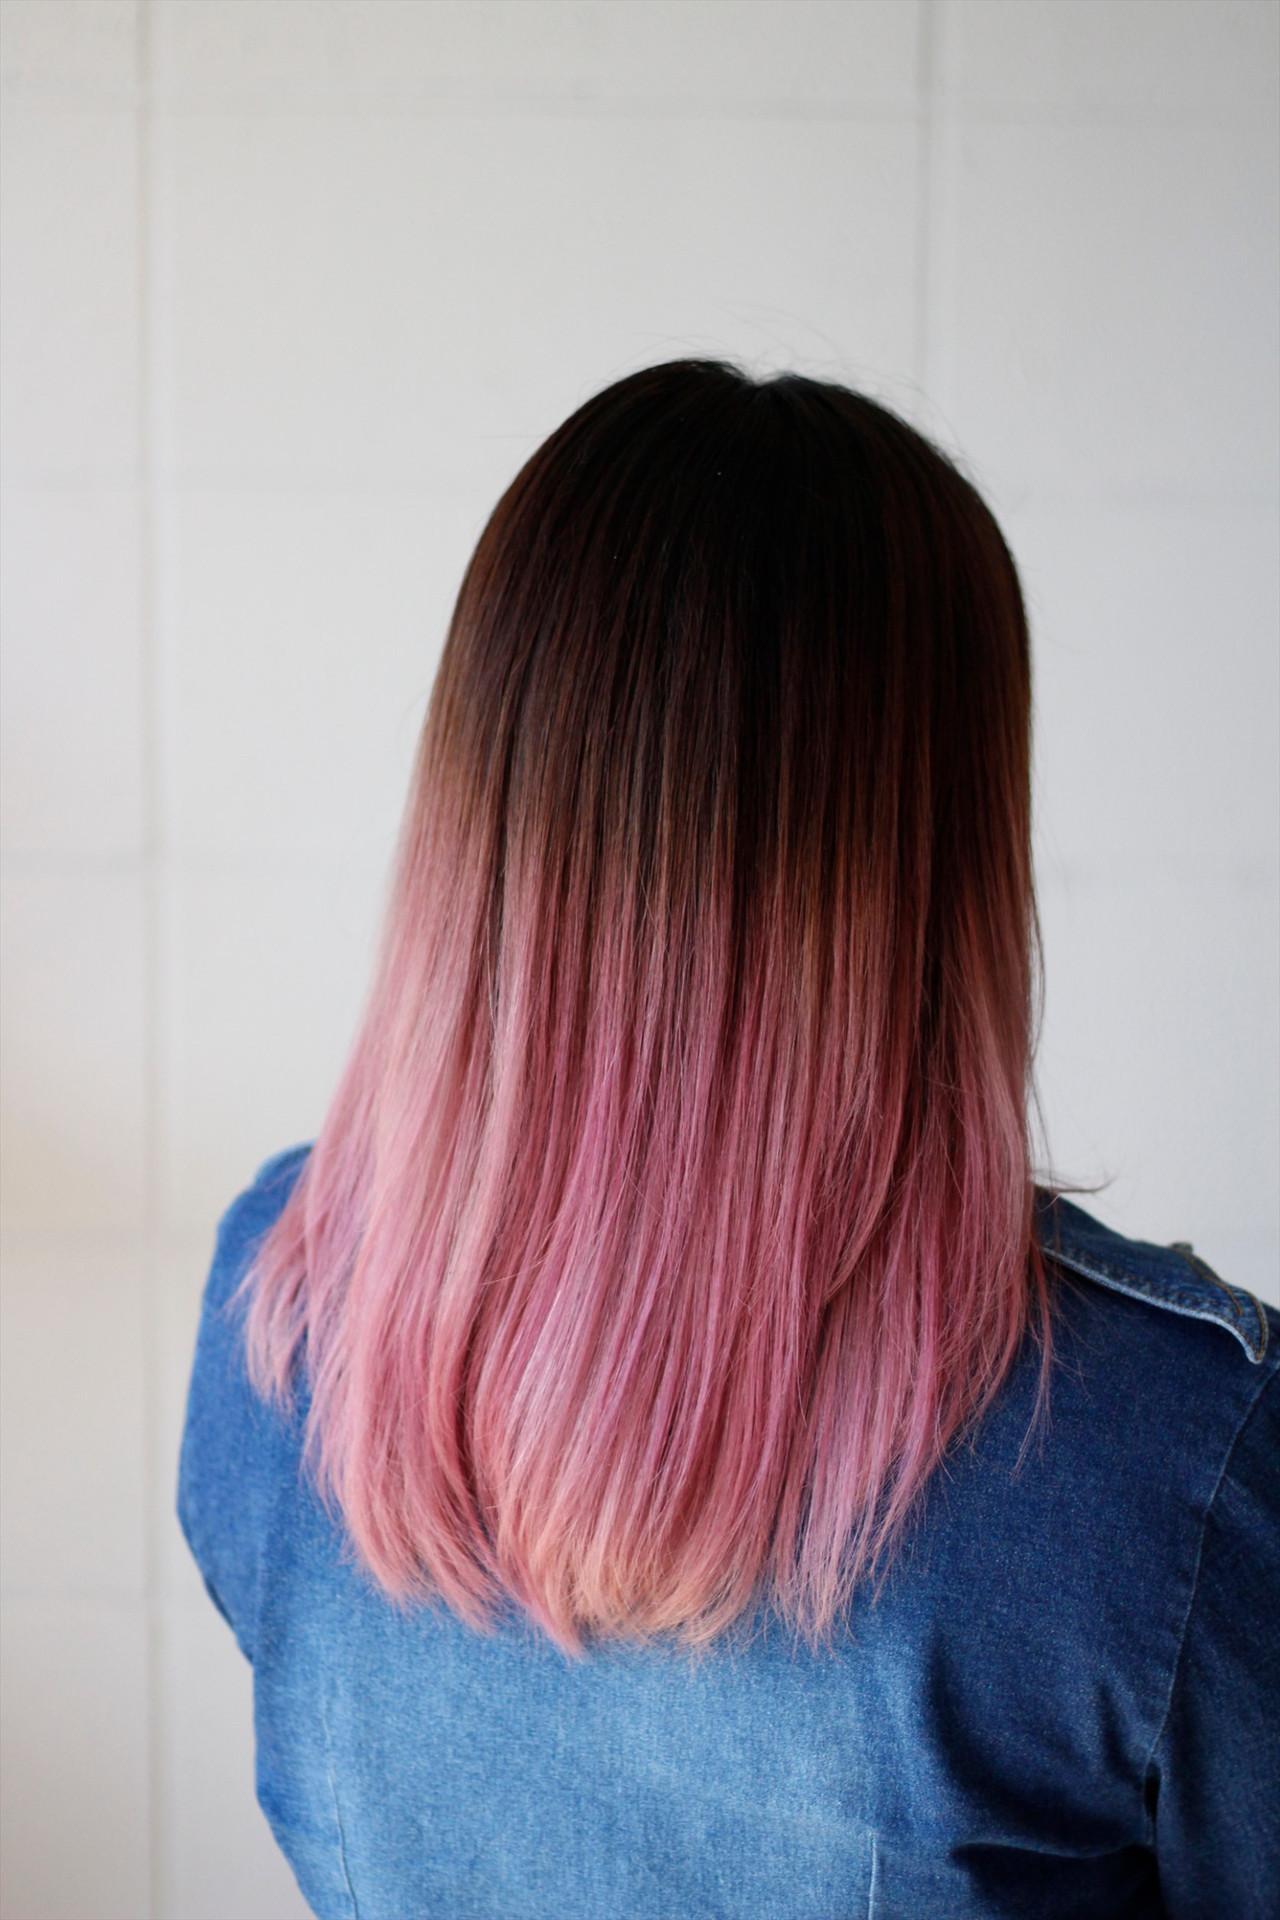 シンプルに美しい♡セミロングのサクラグラデーションカラー Hatori Masakirela hair salon